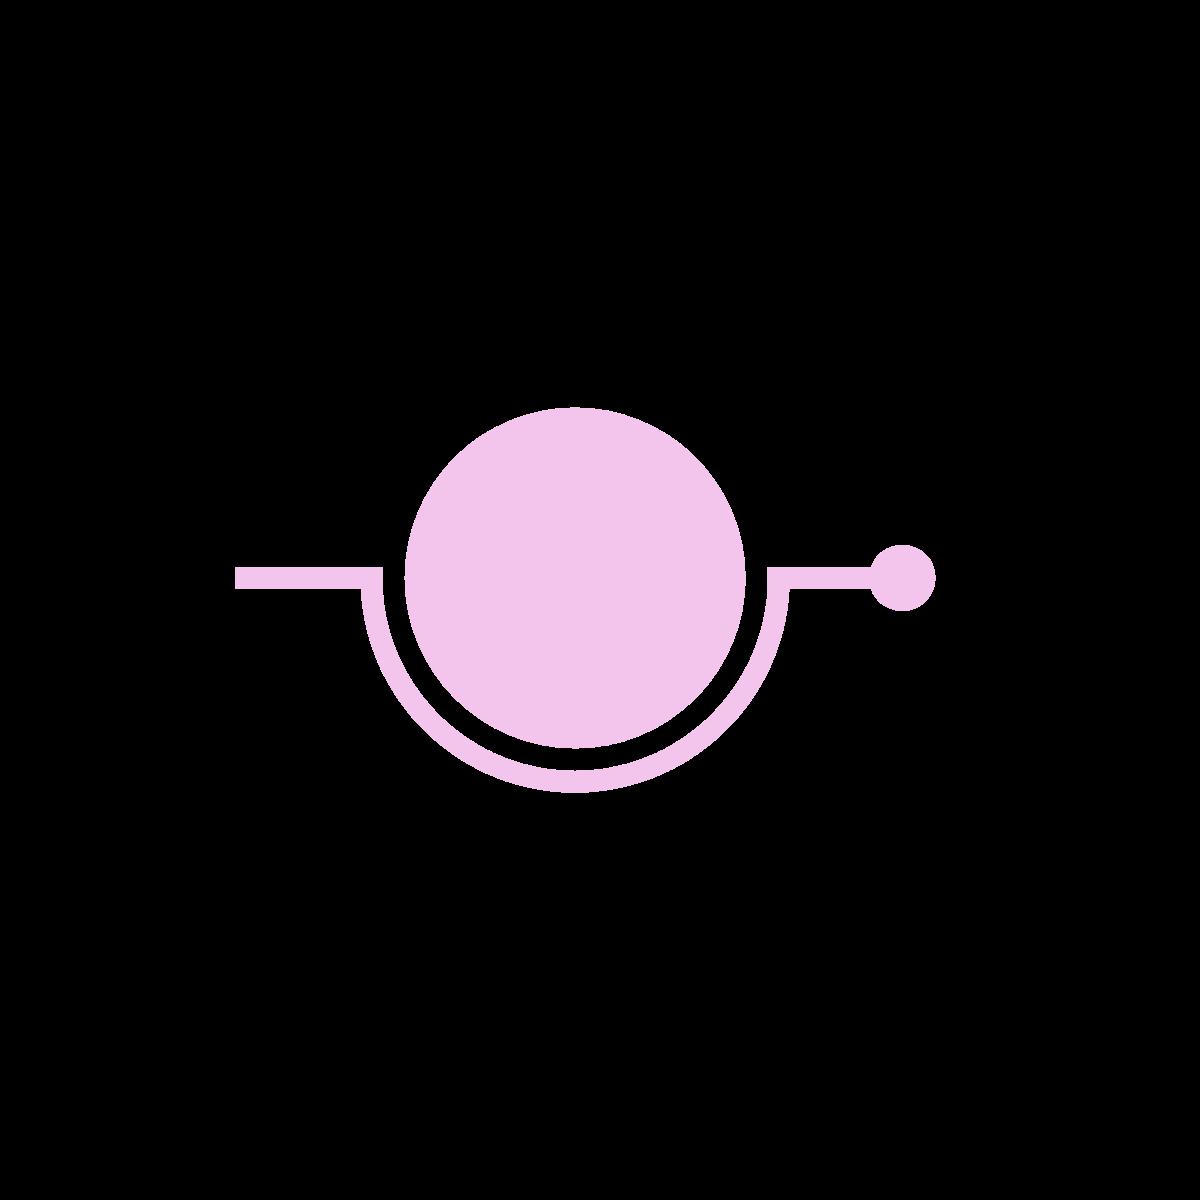 noun_around circle full_538760 (2).png